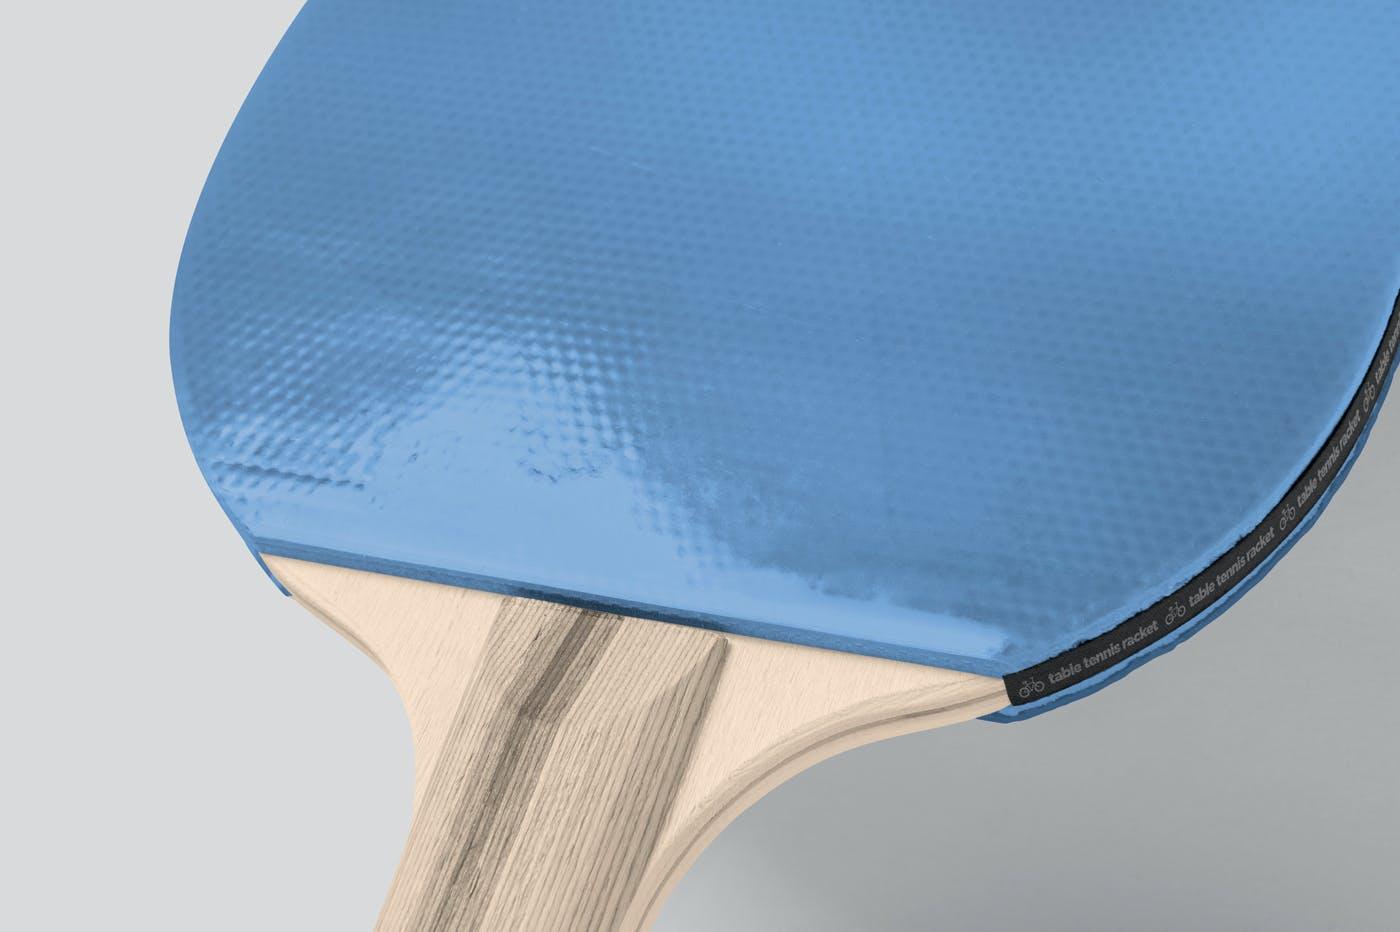 经典逼真的乒乓球拍品牌设计产品模型designshidai_yj747